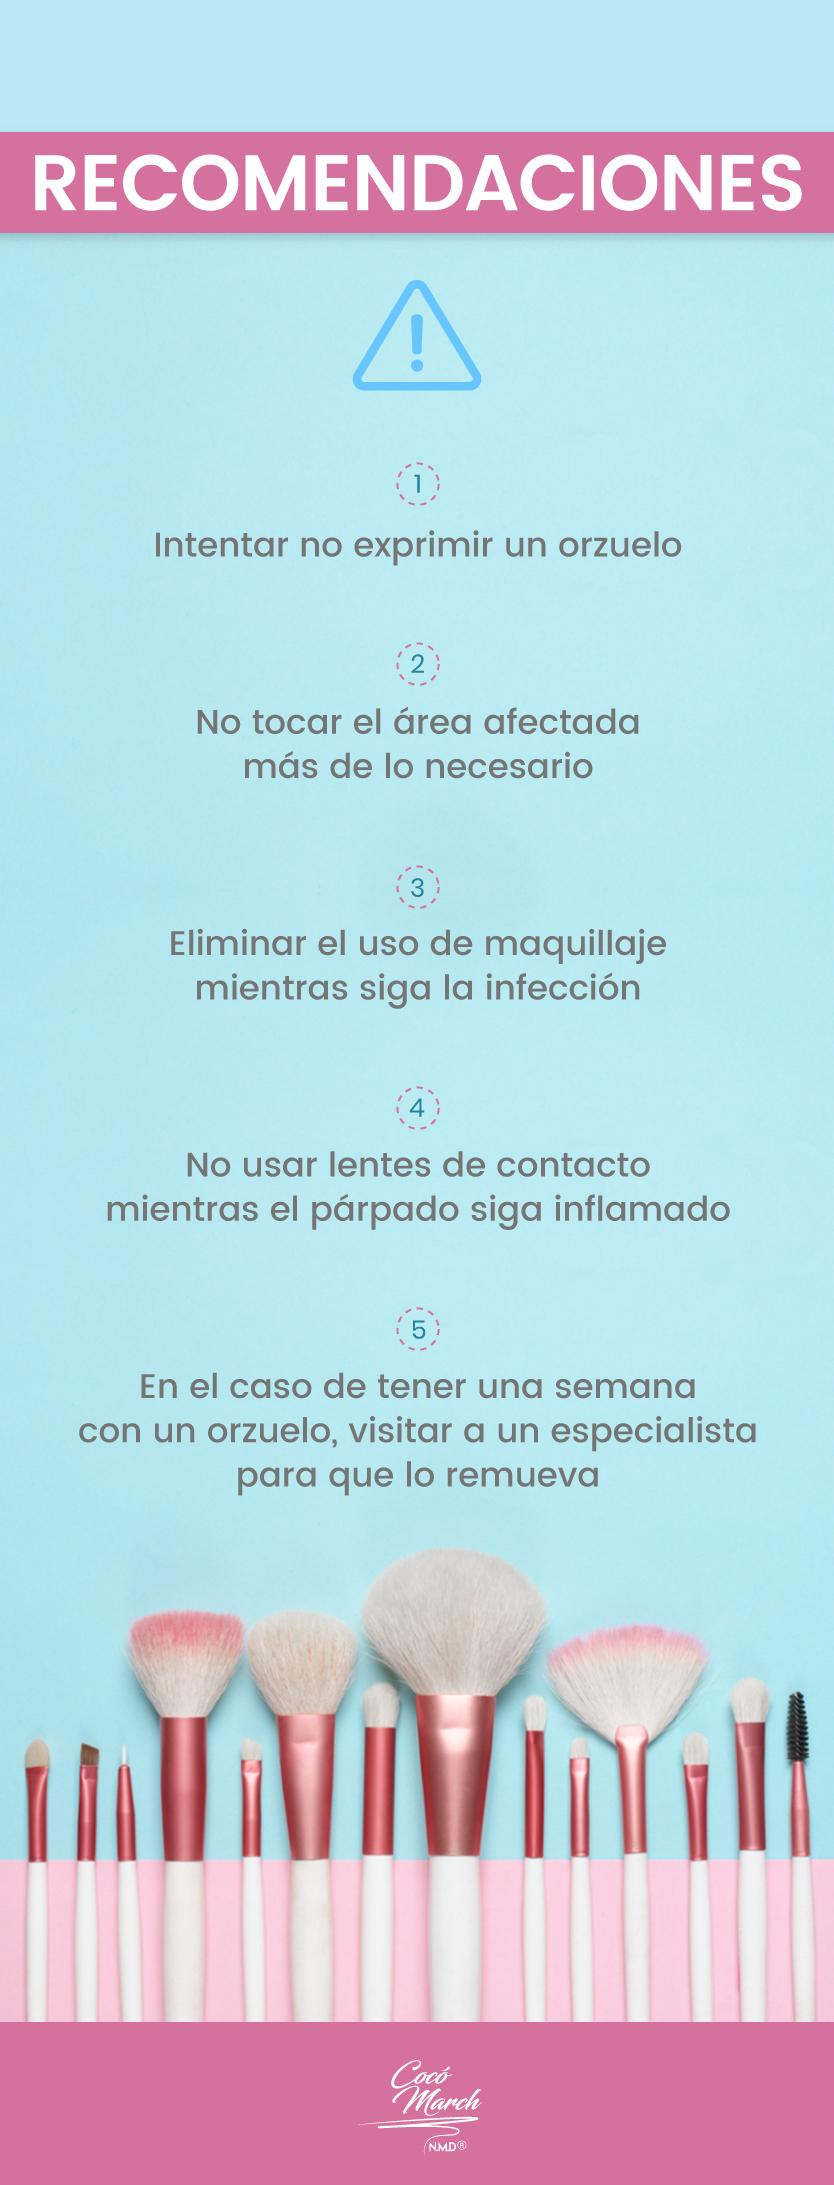 orzuelos-recomendaciones